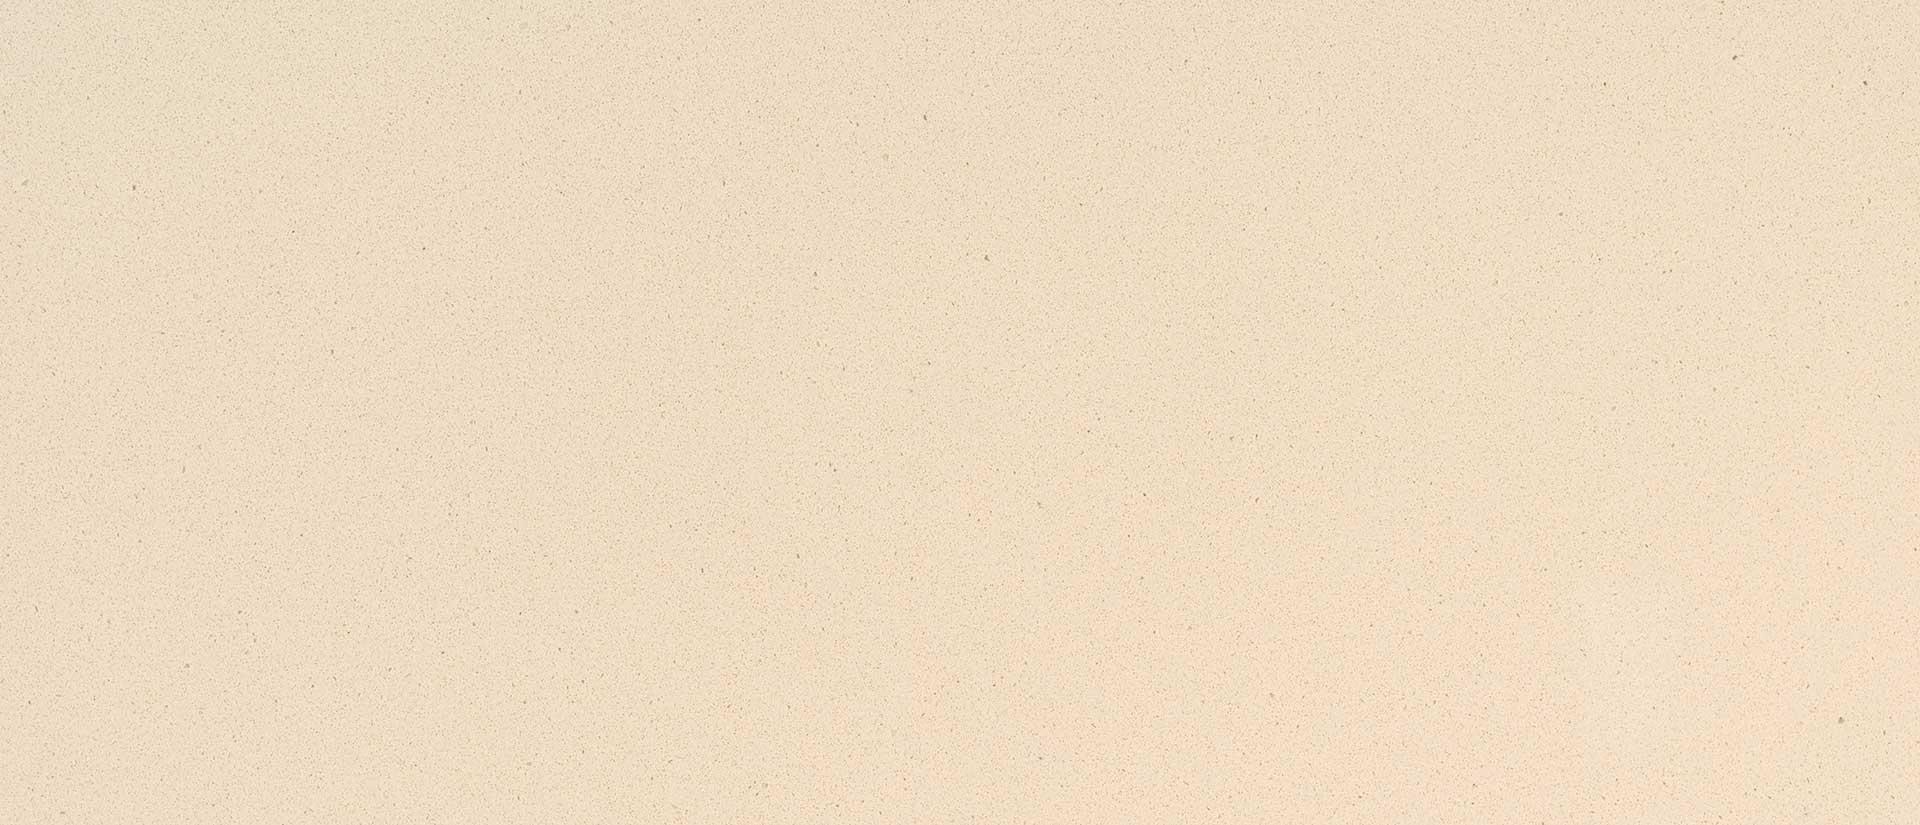 Ivory Cream Quartz Countertops